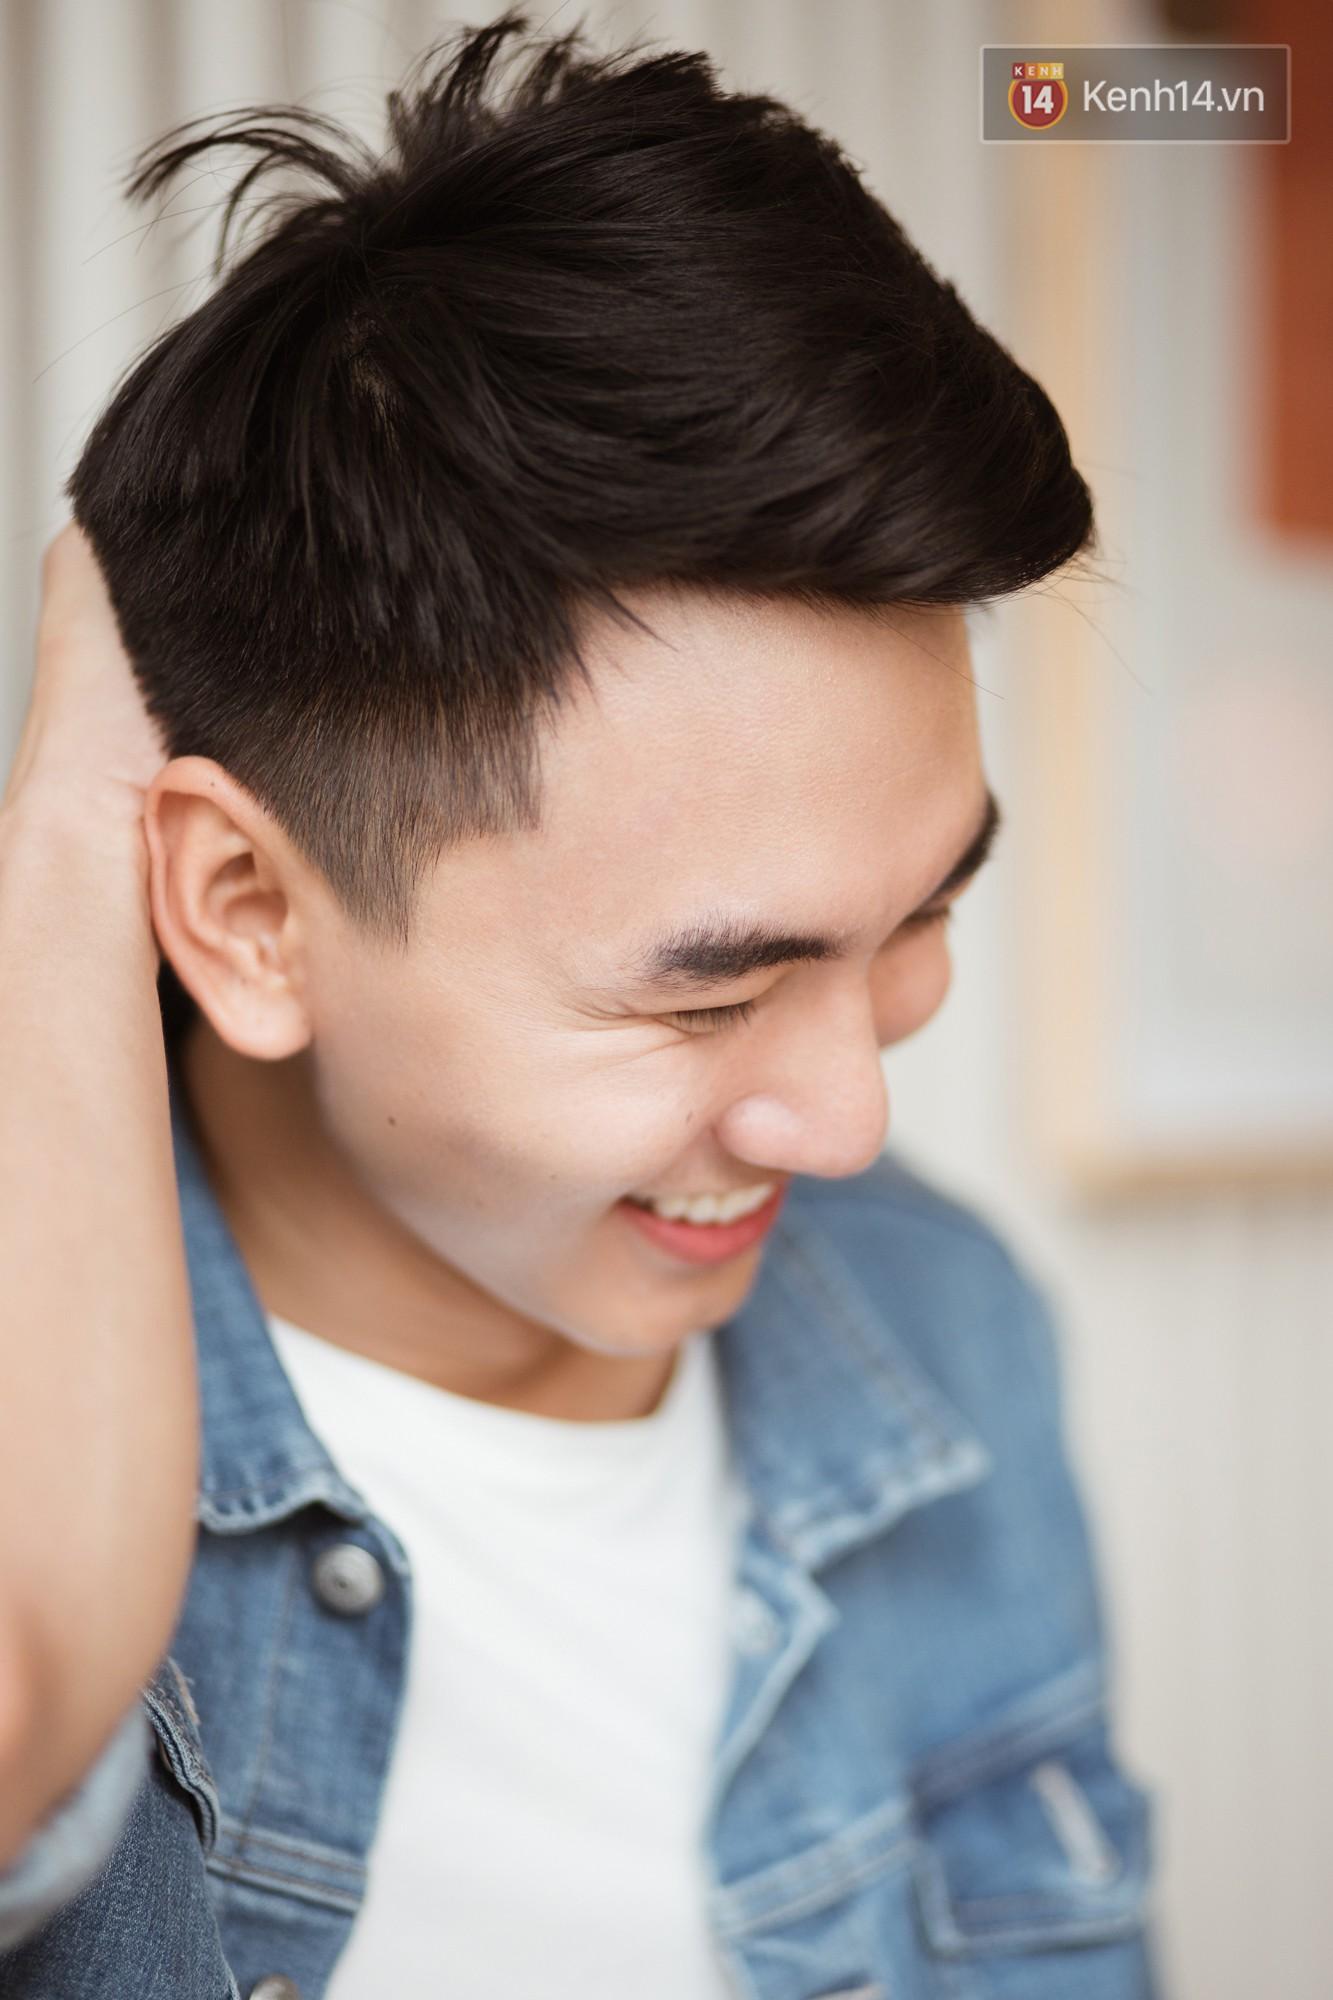 Blogger điển trai Khoai Lang Thang tiết lộ từng bị lừa tiền năm 18 tuổi, giàu hơn rất nhiều khi bỏ nghề kỹ sư để làm du lịch - Ảnh 17.